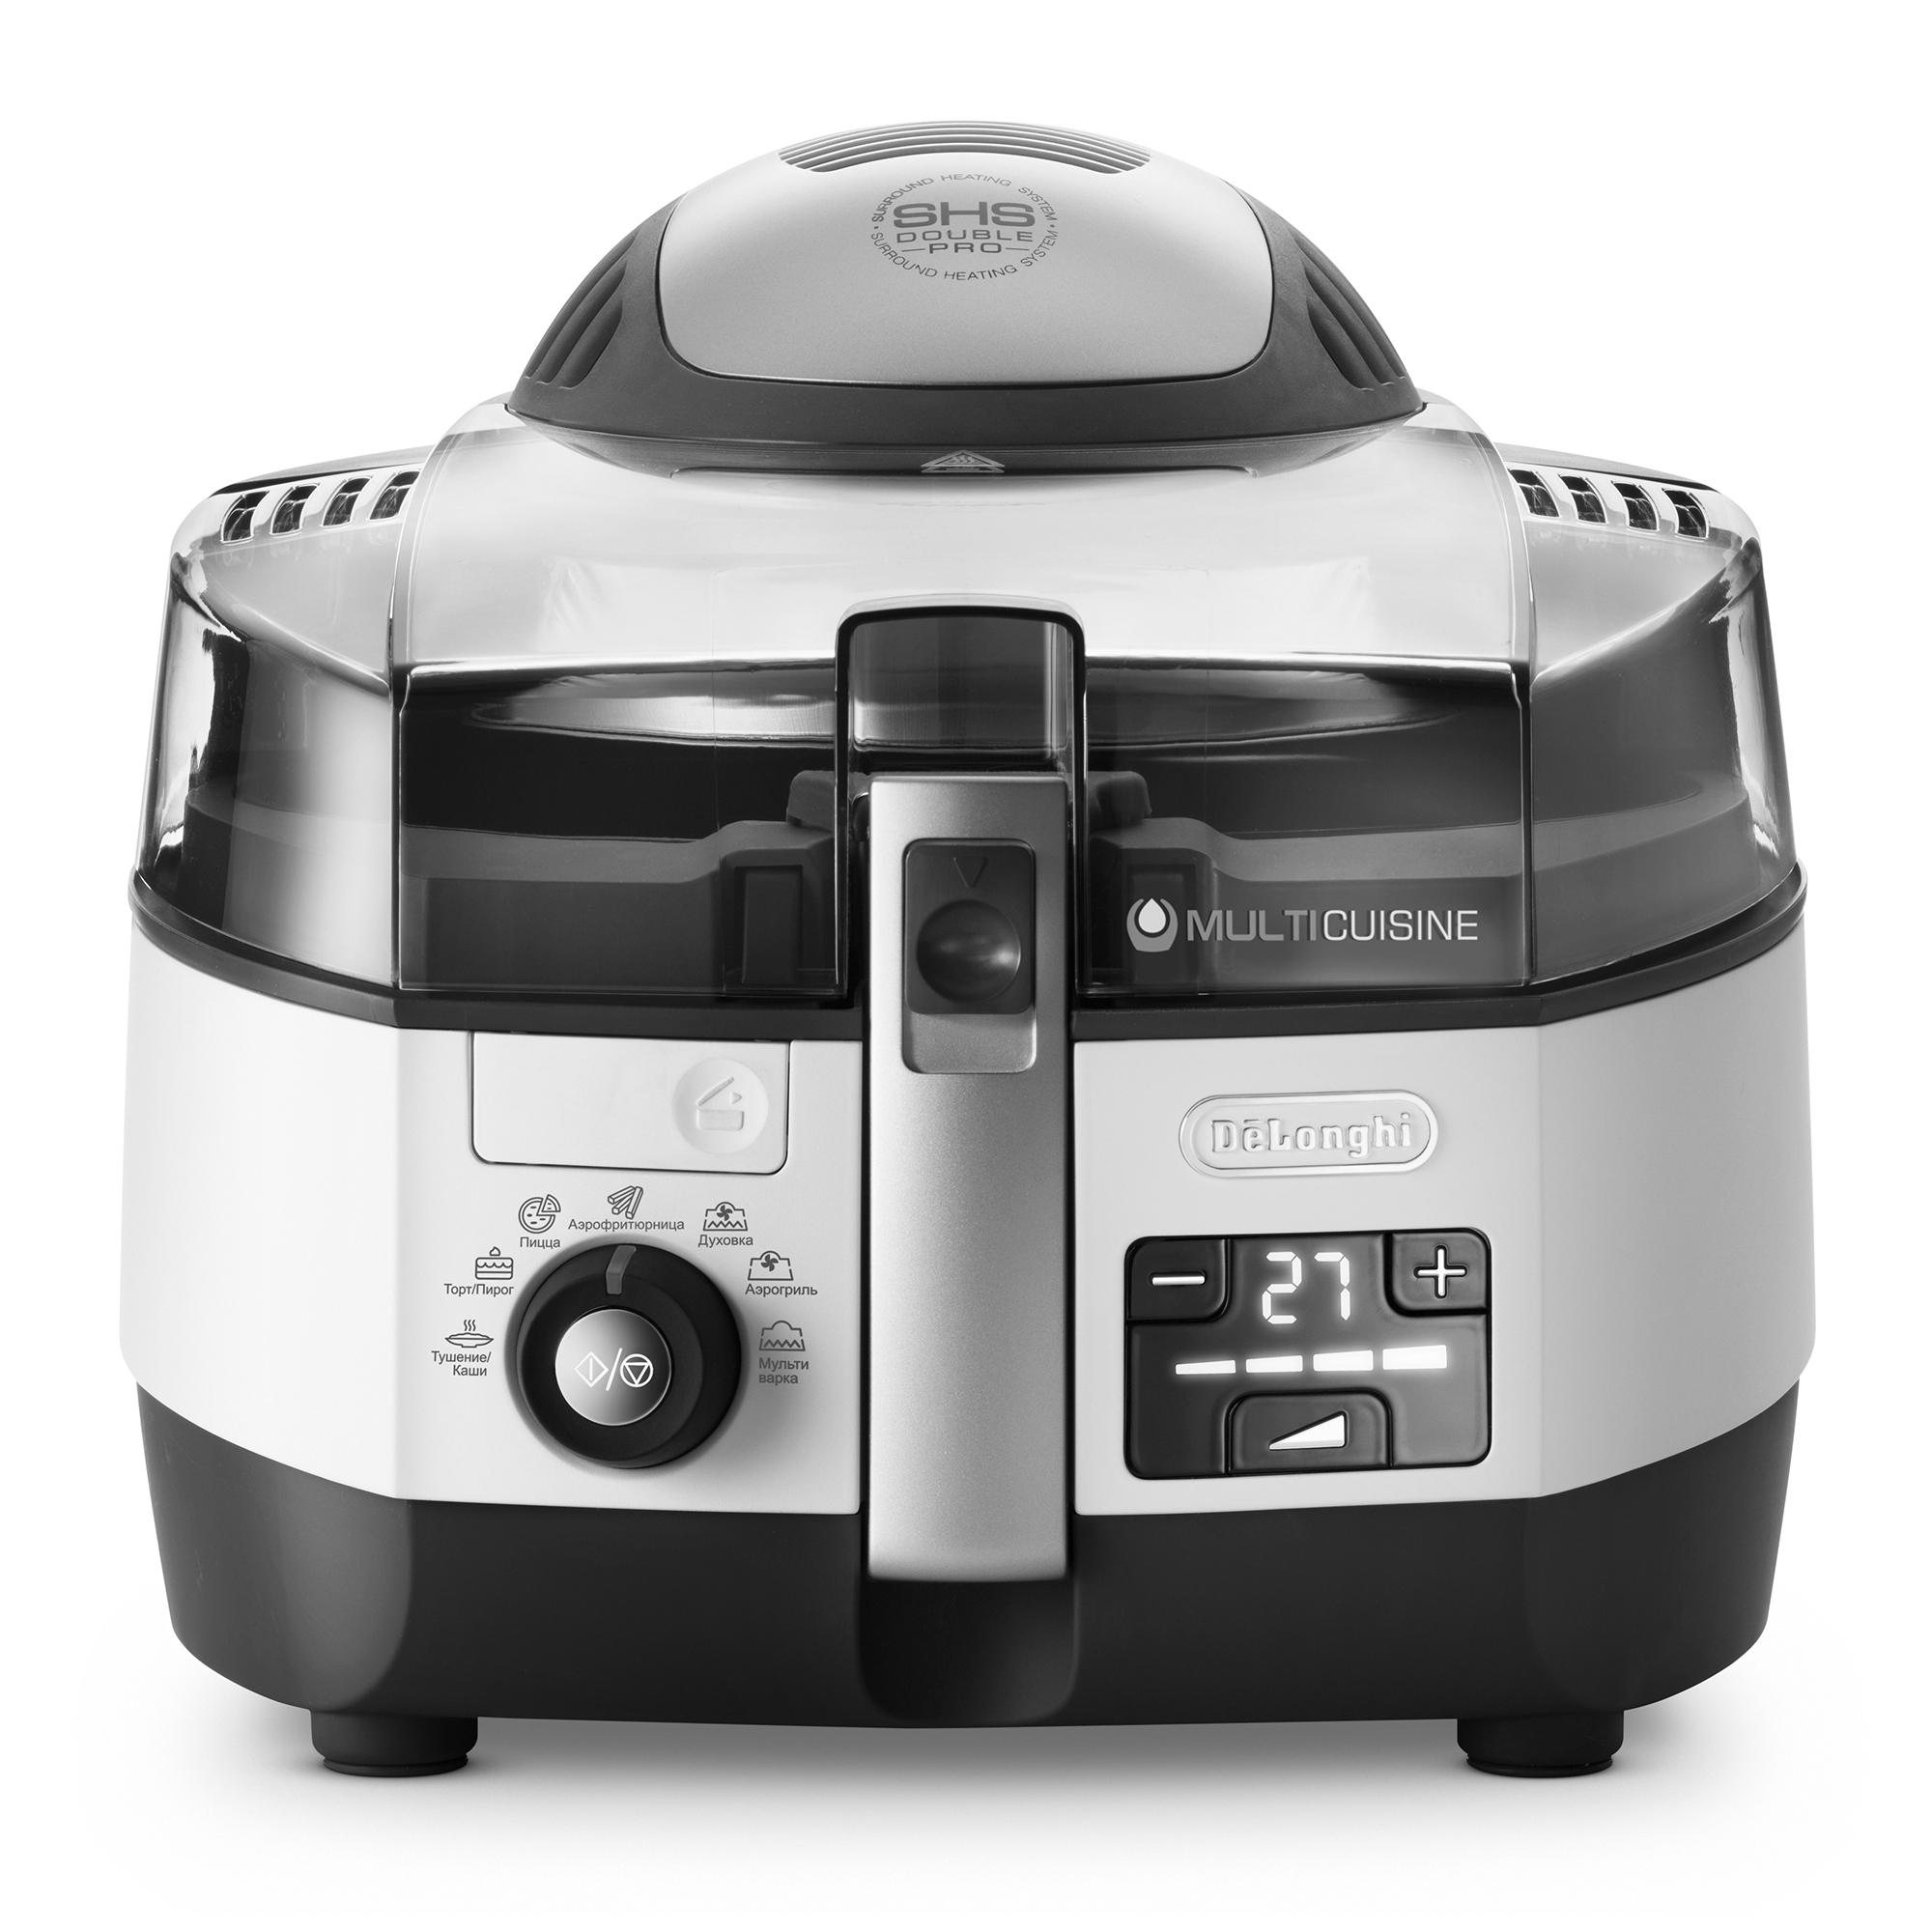 De'Longhi Extra Chef Multifry FH1394 - Black